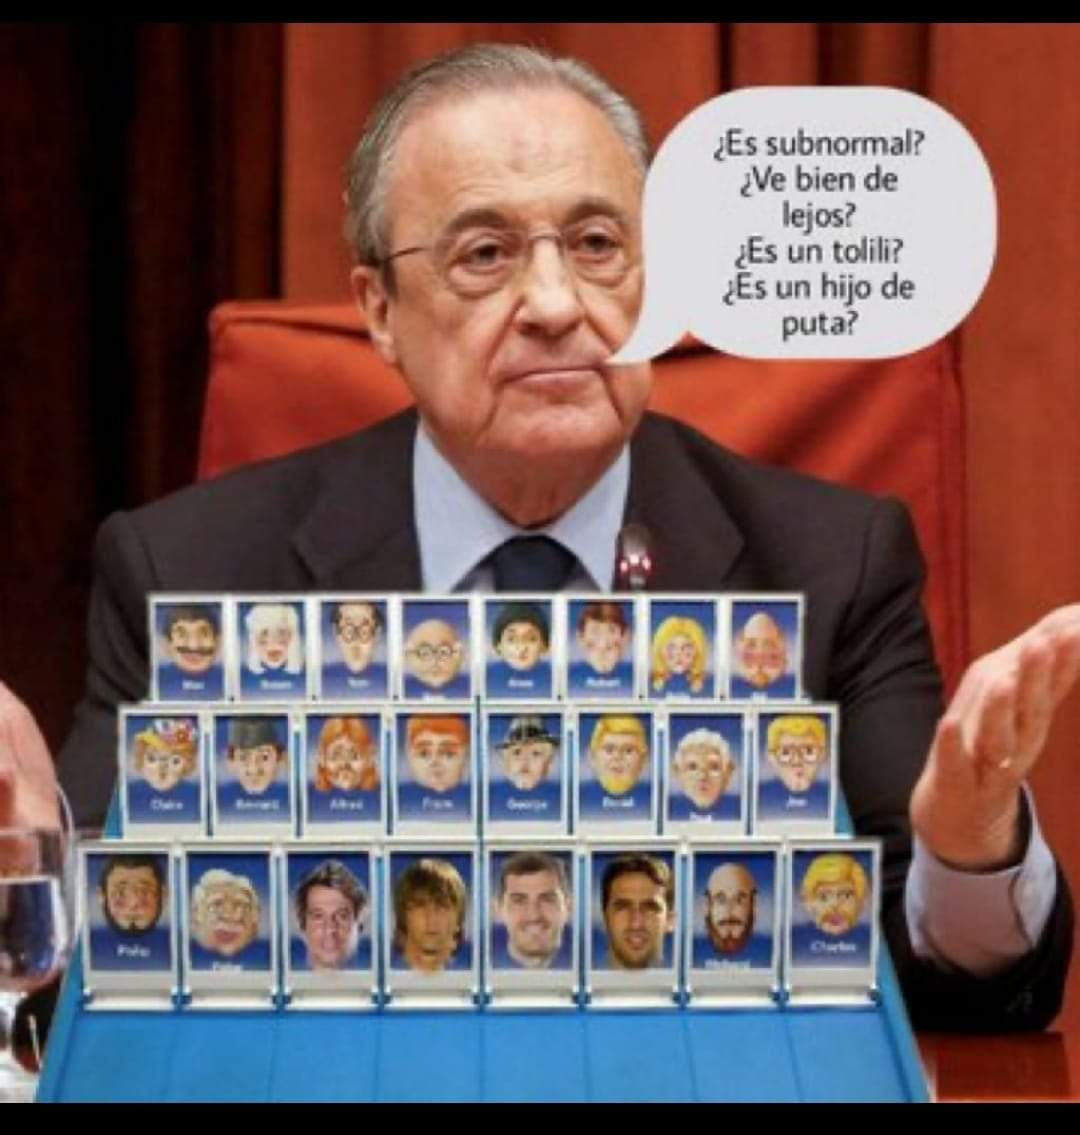 La popularidad de Florentino no para de aumentar, la gente le pide hasta camisetas firmadas...